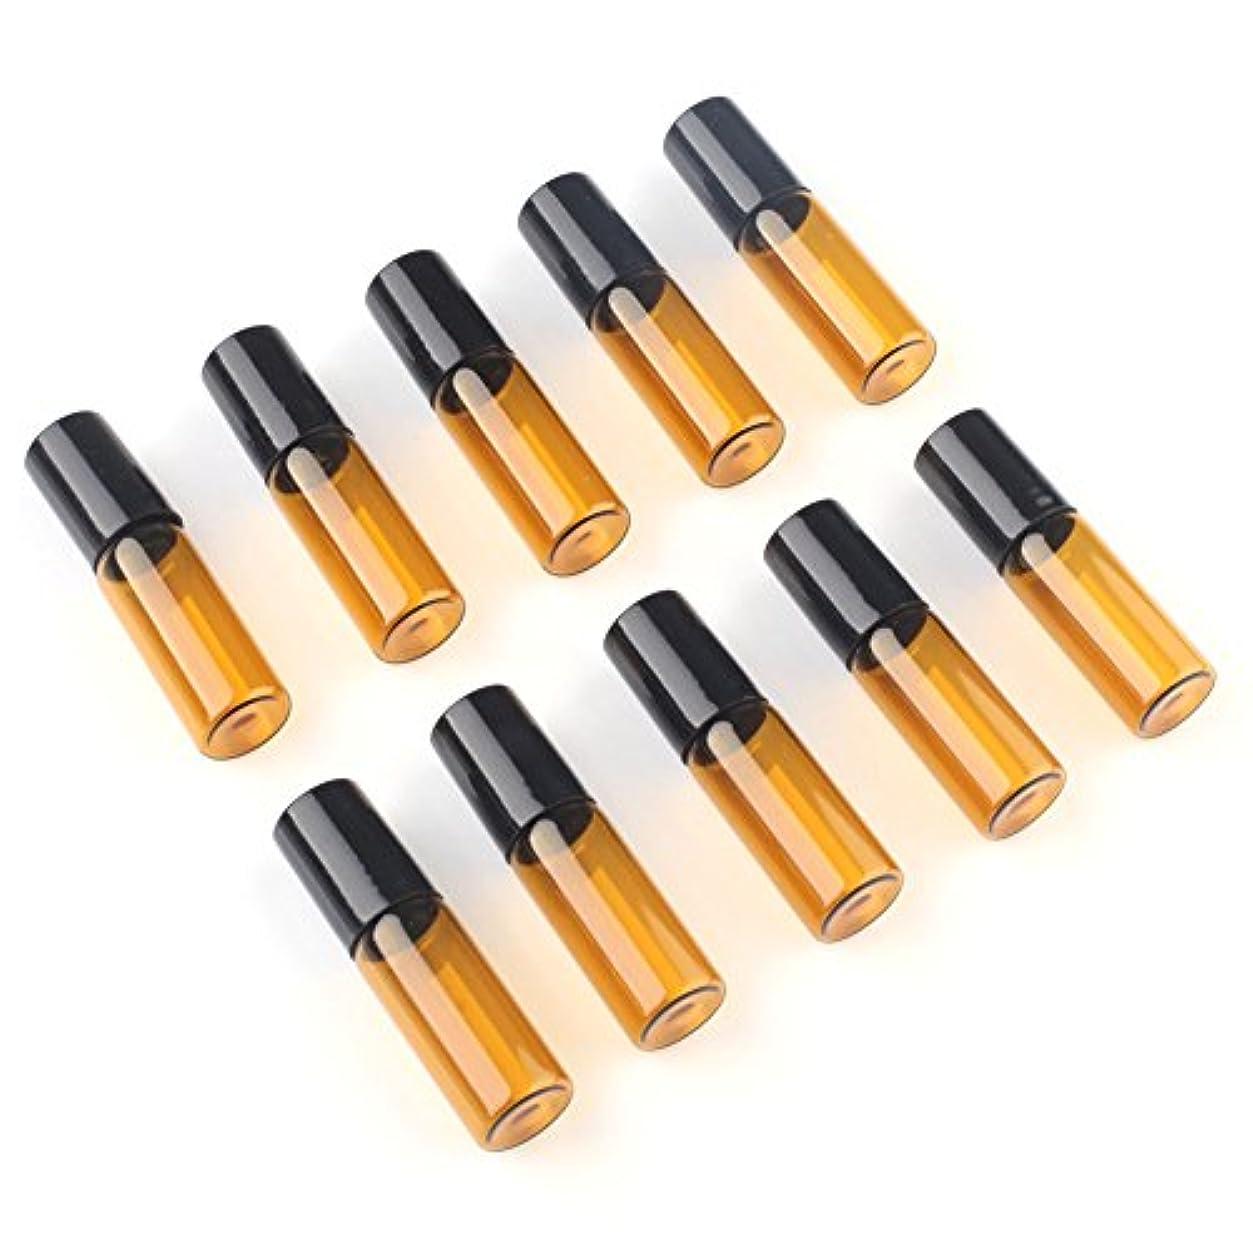 ピンチ密輸したいSAGULU アロマオイル 精油 小分け用 遮光瓶 遮光ビン ミニガラスアロマボトル エッセンシャルオイル用容器 スチールボールタイプ 5ml、10ml選択可能 アンバー 10本セット (5ml)